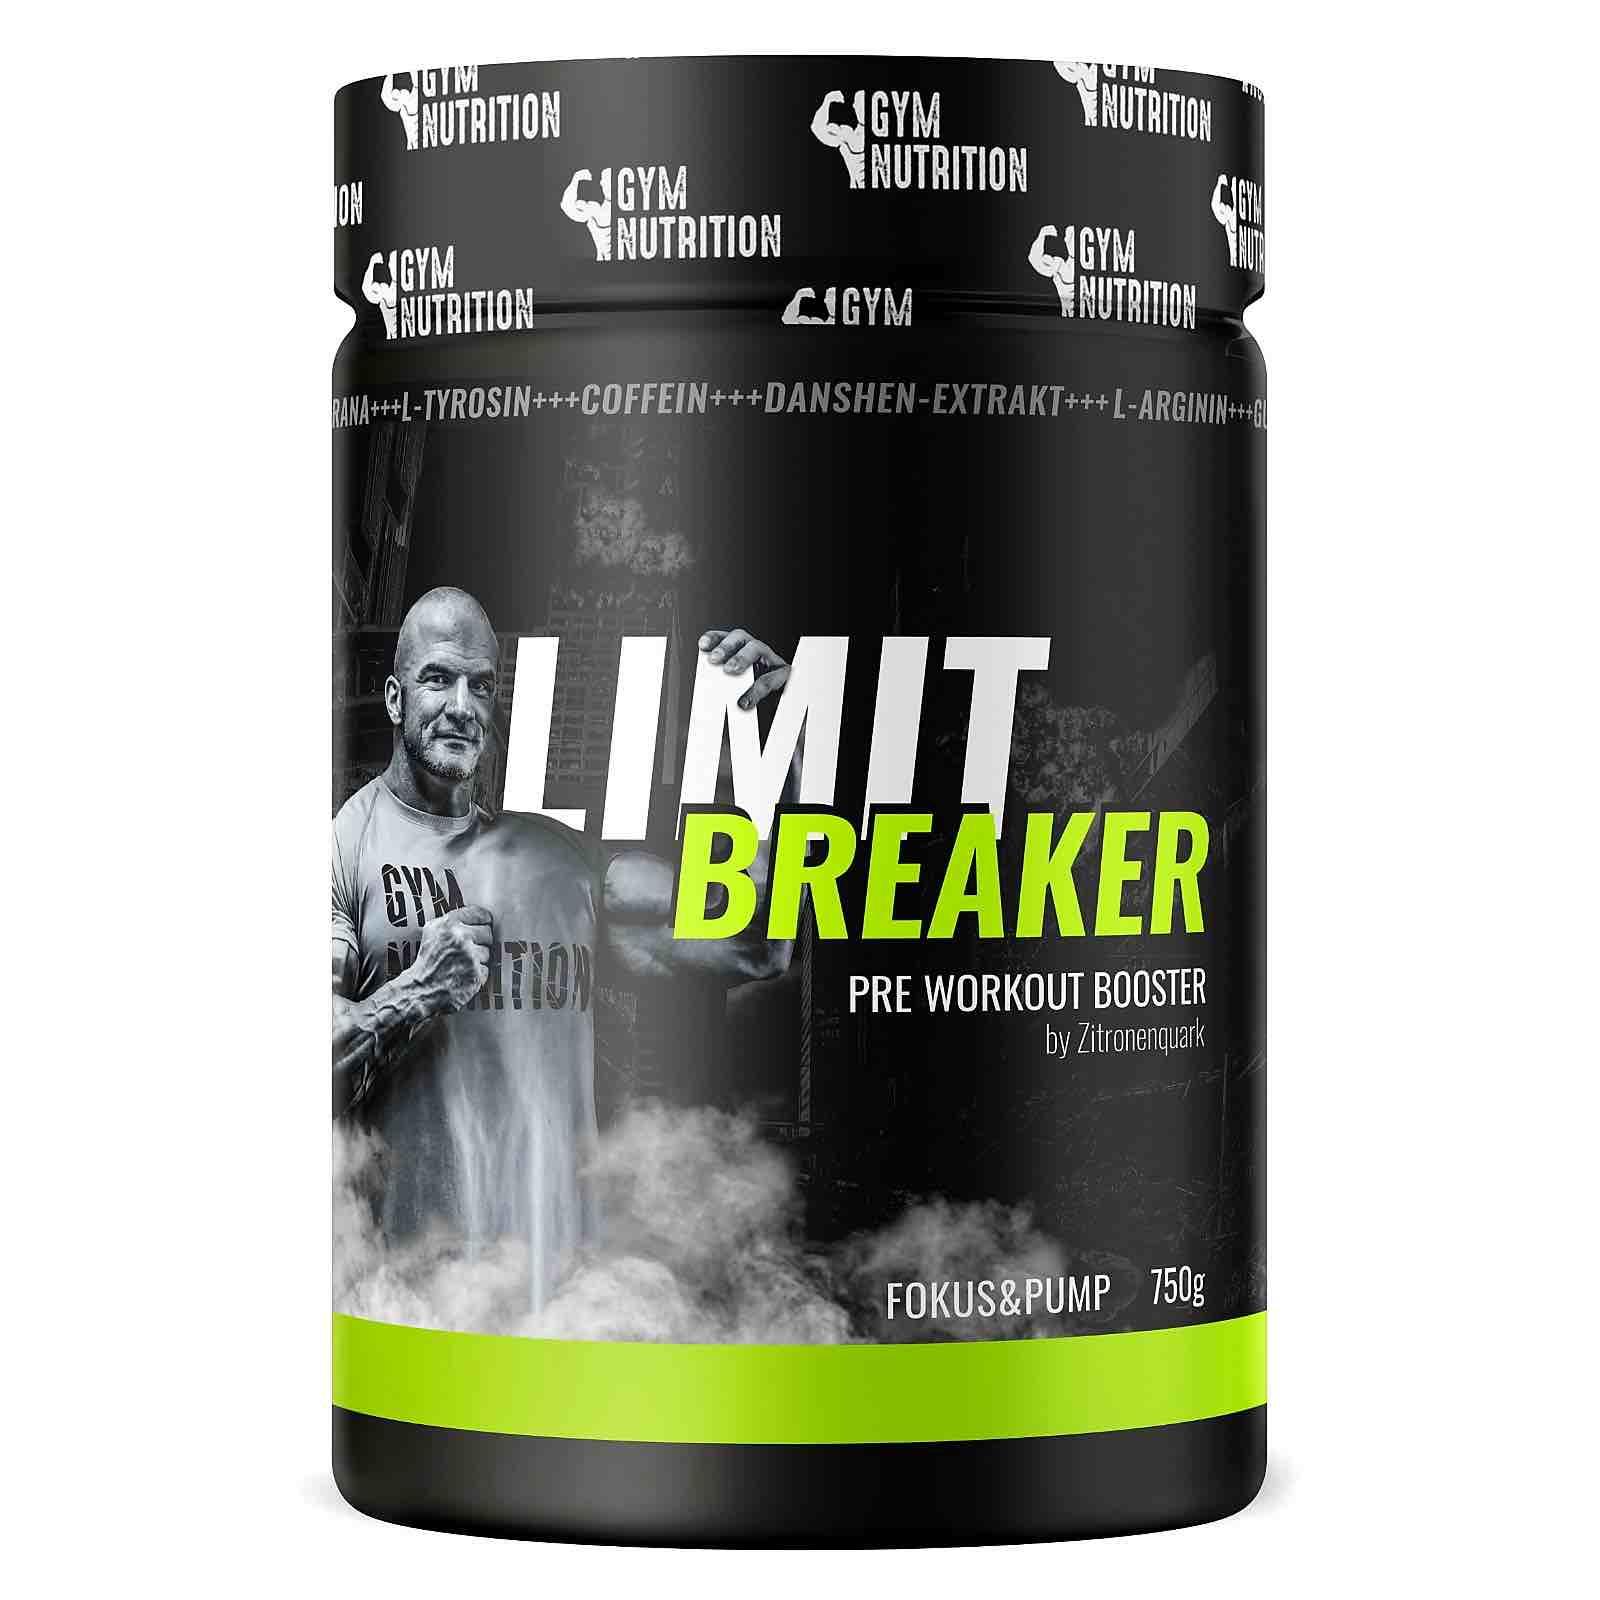 24% Rabatt heute bei Gym-Nutrition